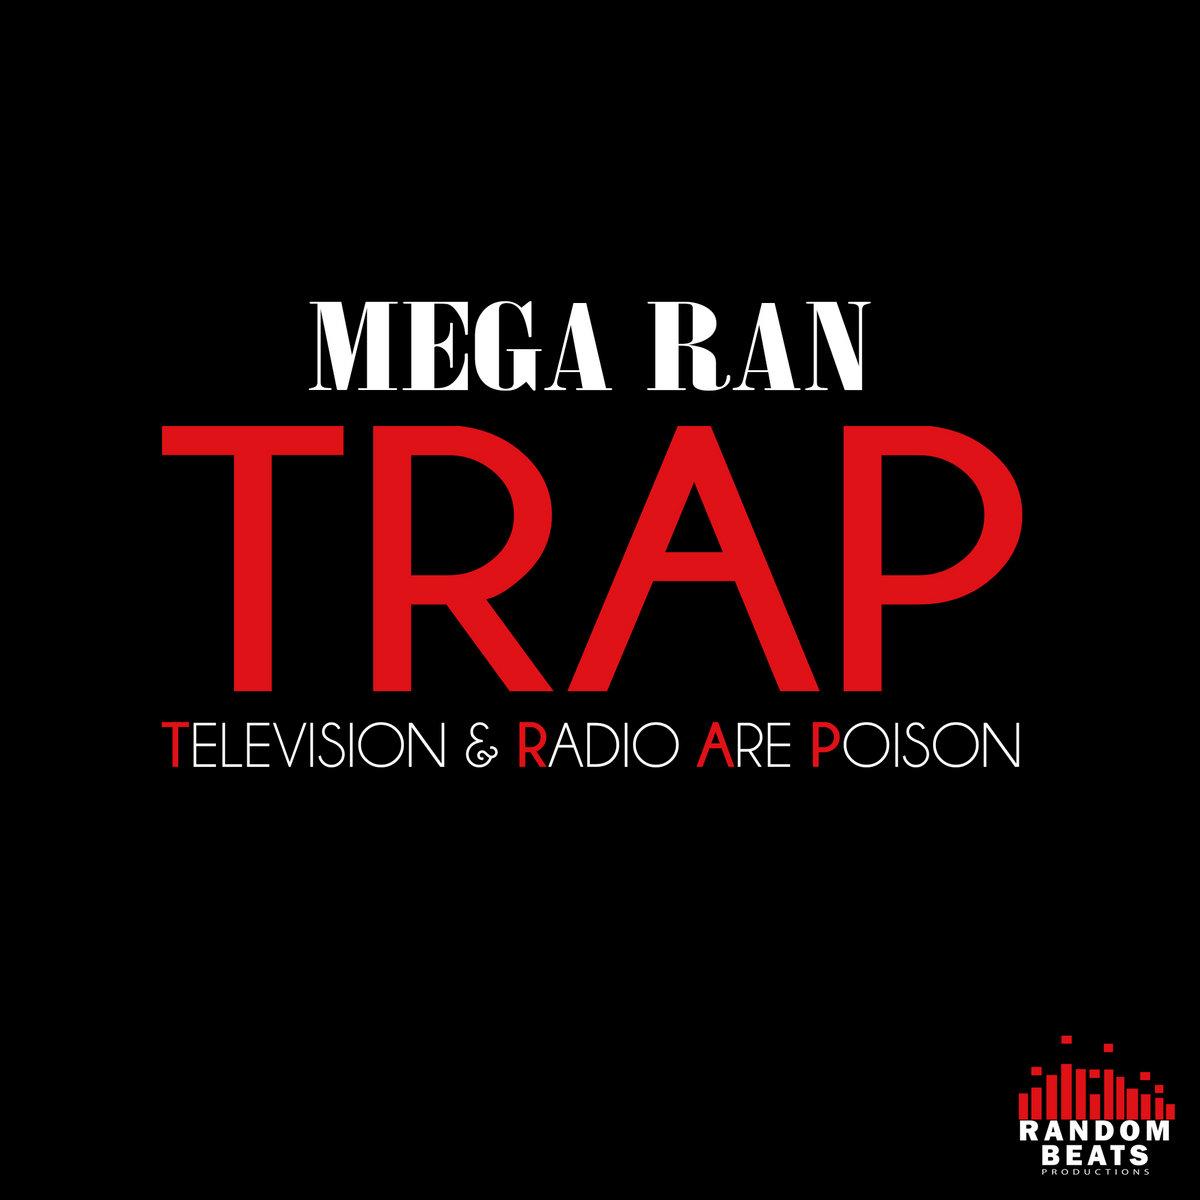 TRAP By Mega Ran